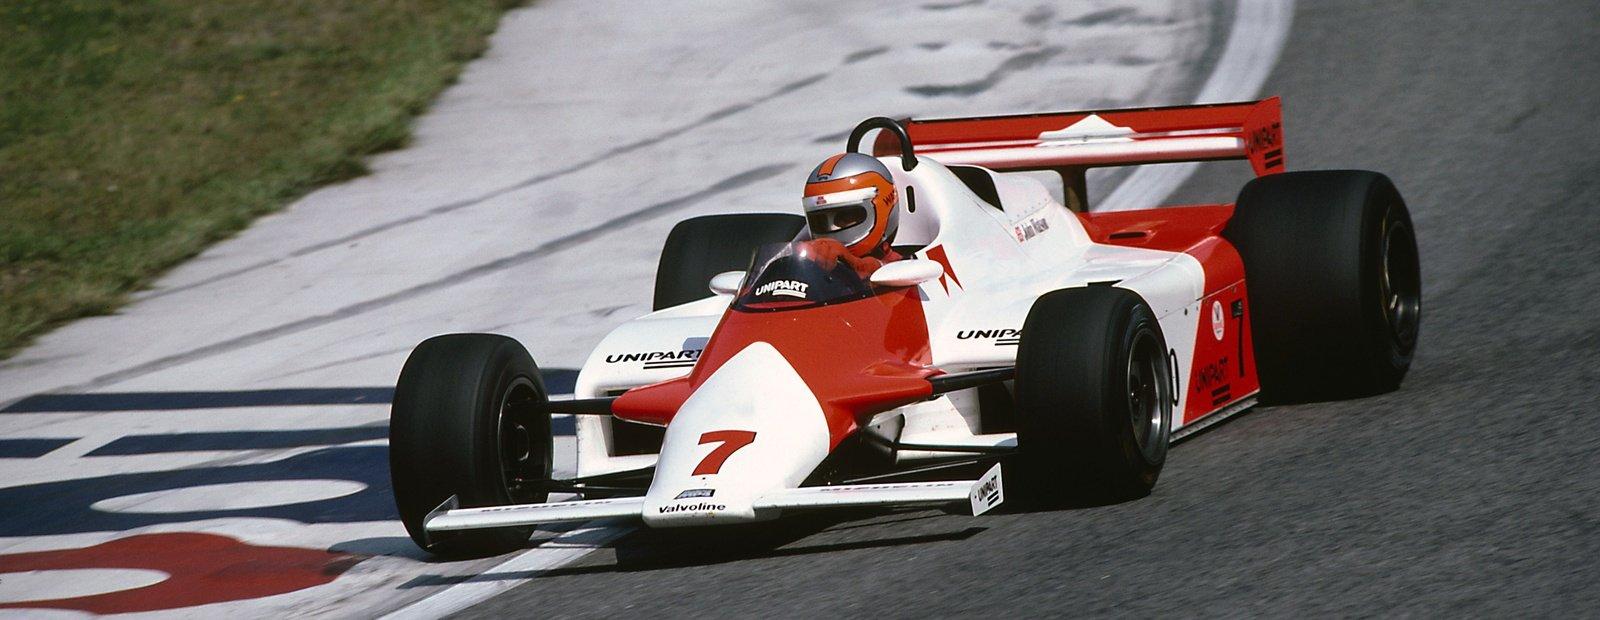 McLaren MP4-1